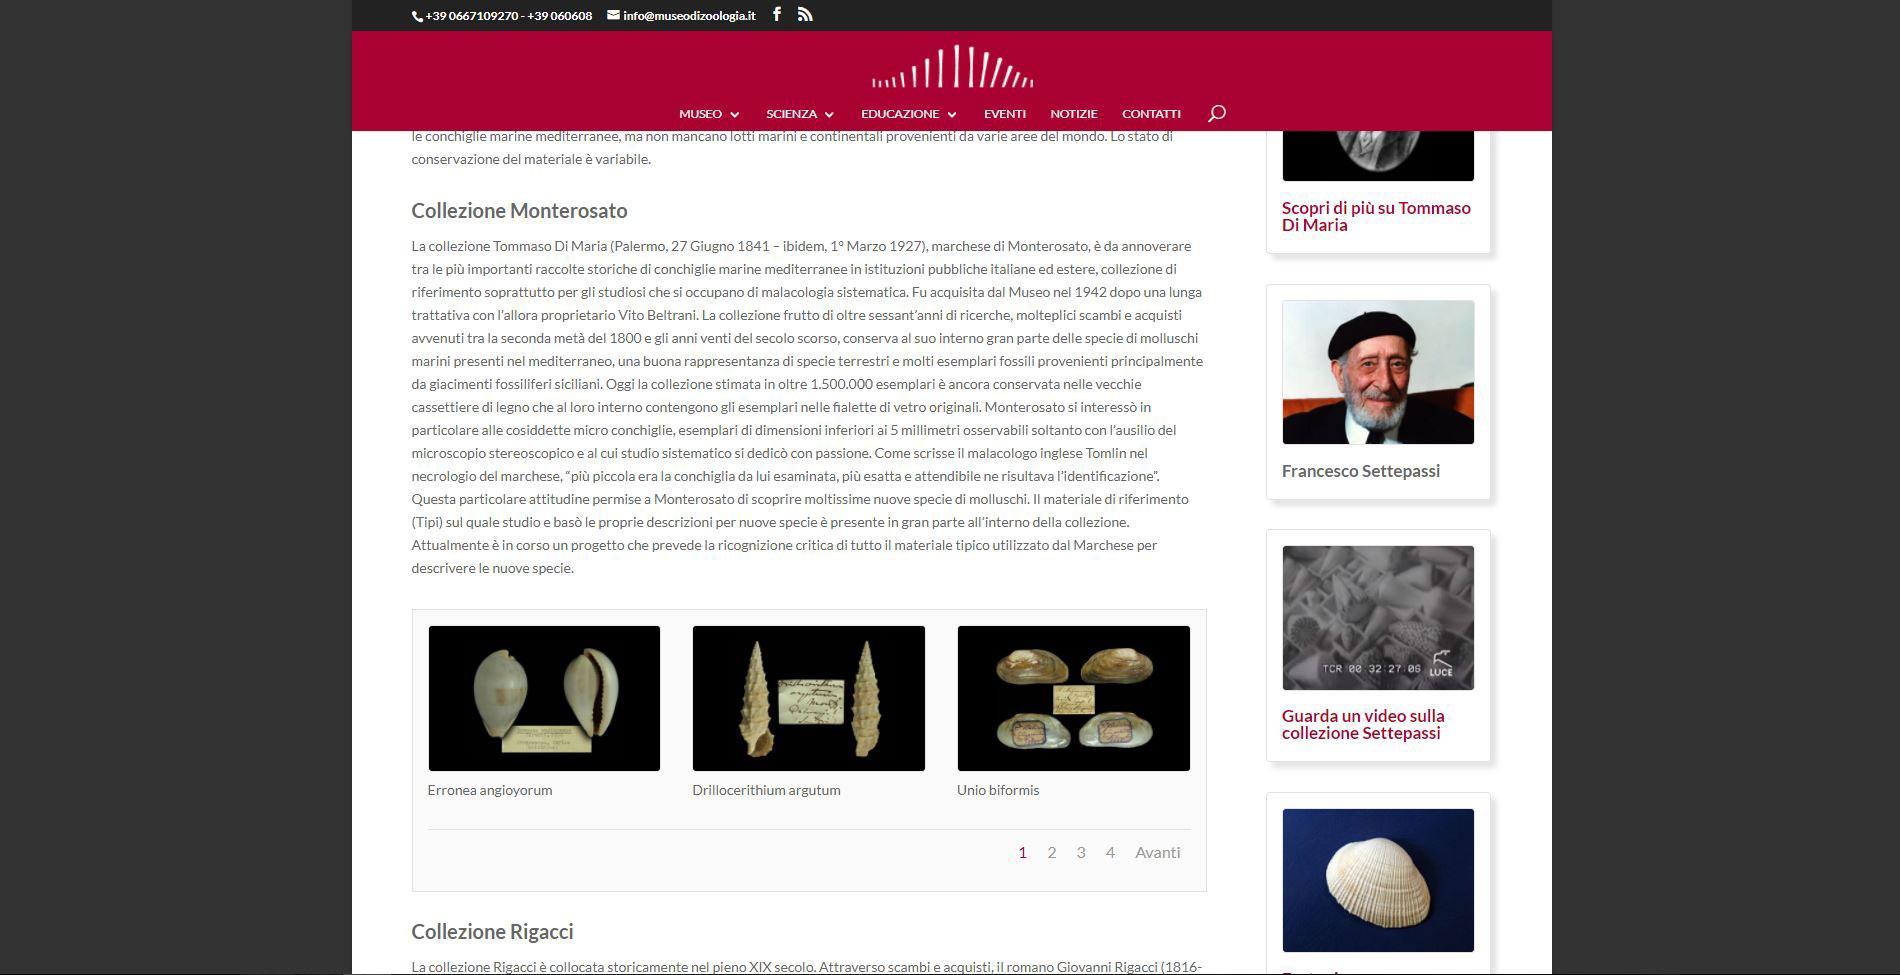 Pagina collezioni malacologiche